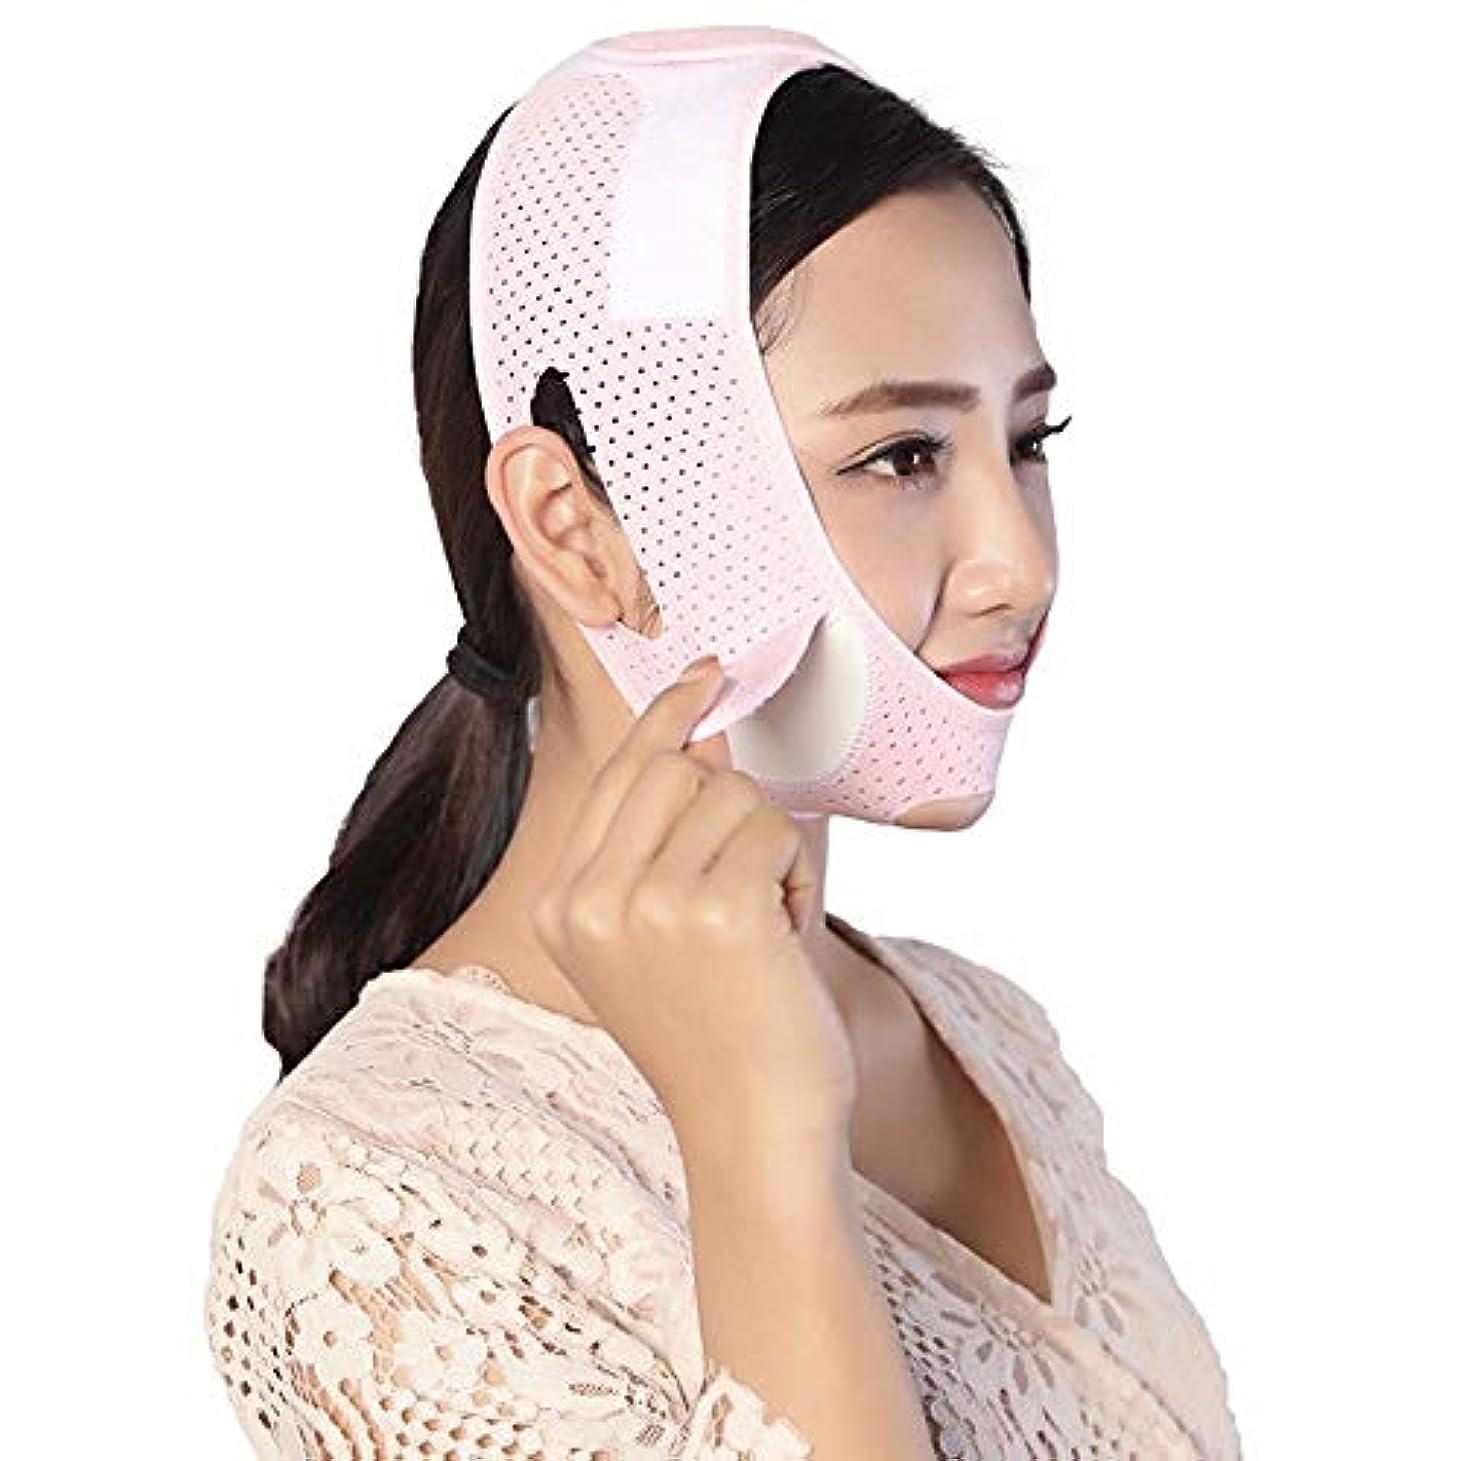 農村東部傷跡Minmin フェイシャルリフティング痩身ベルト - 圧縮二重あご減量ベルトスキンケア薄い顔包帯 みんみんVラインフェイスマスク